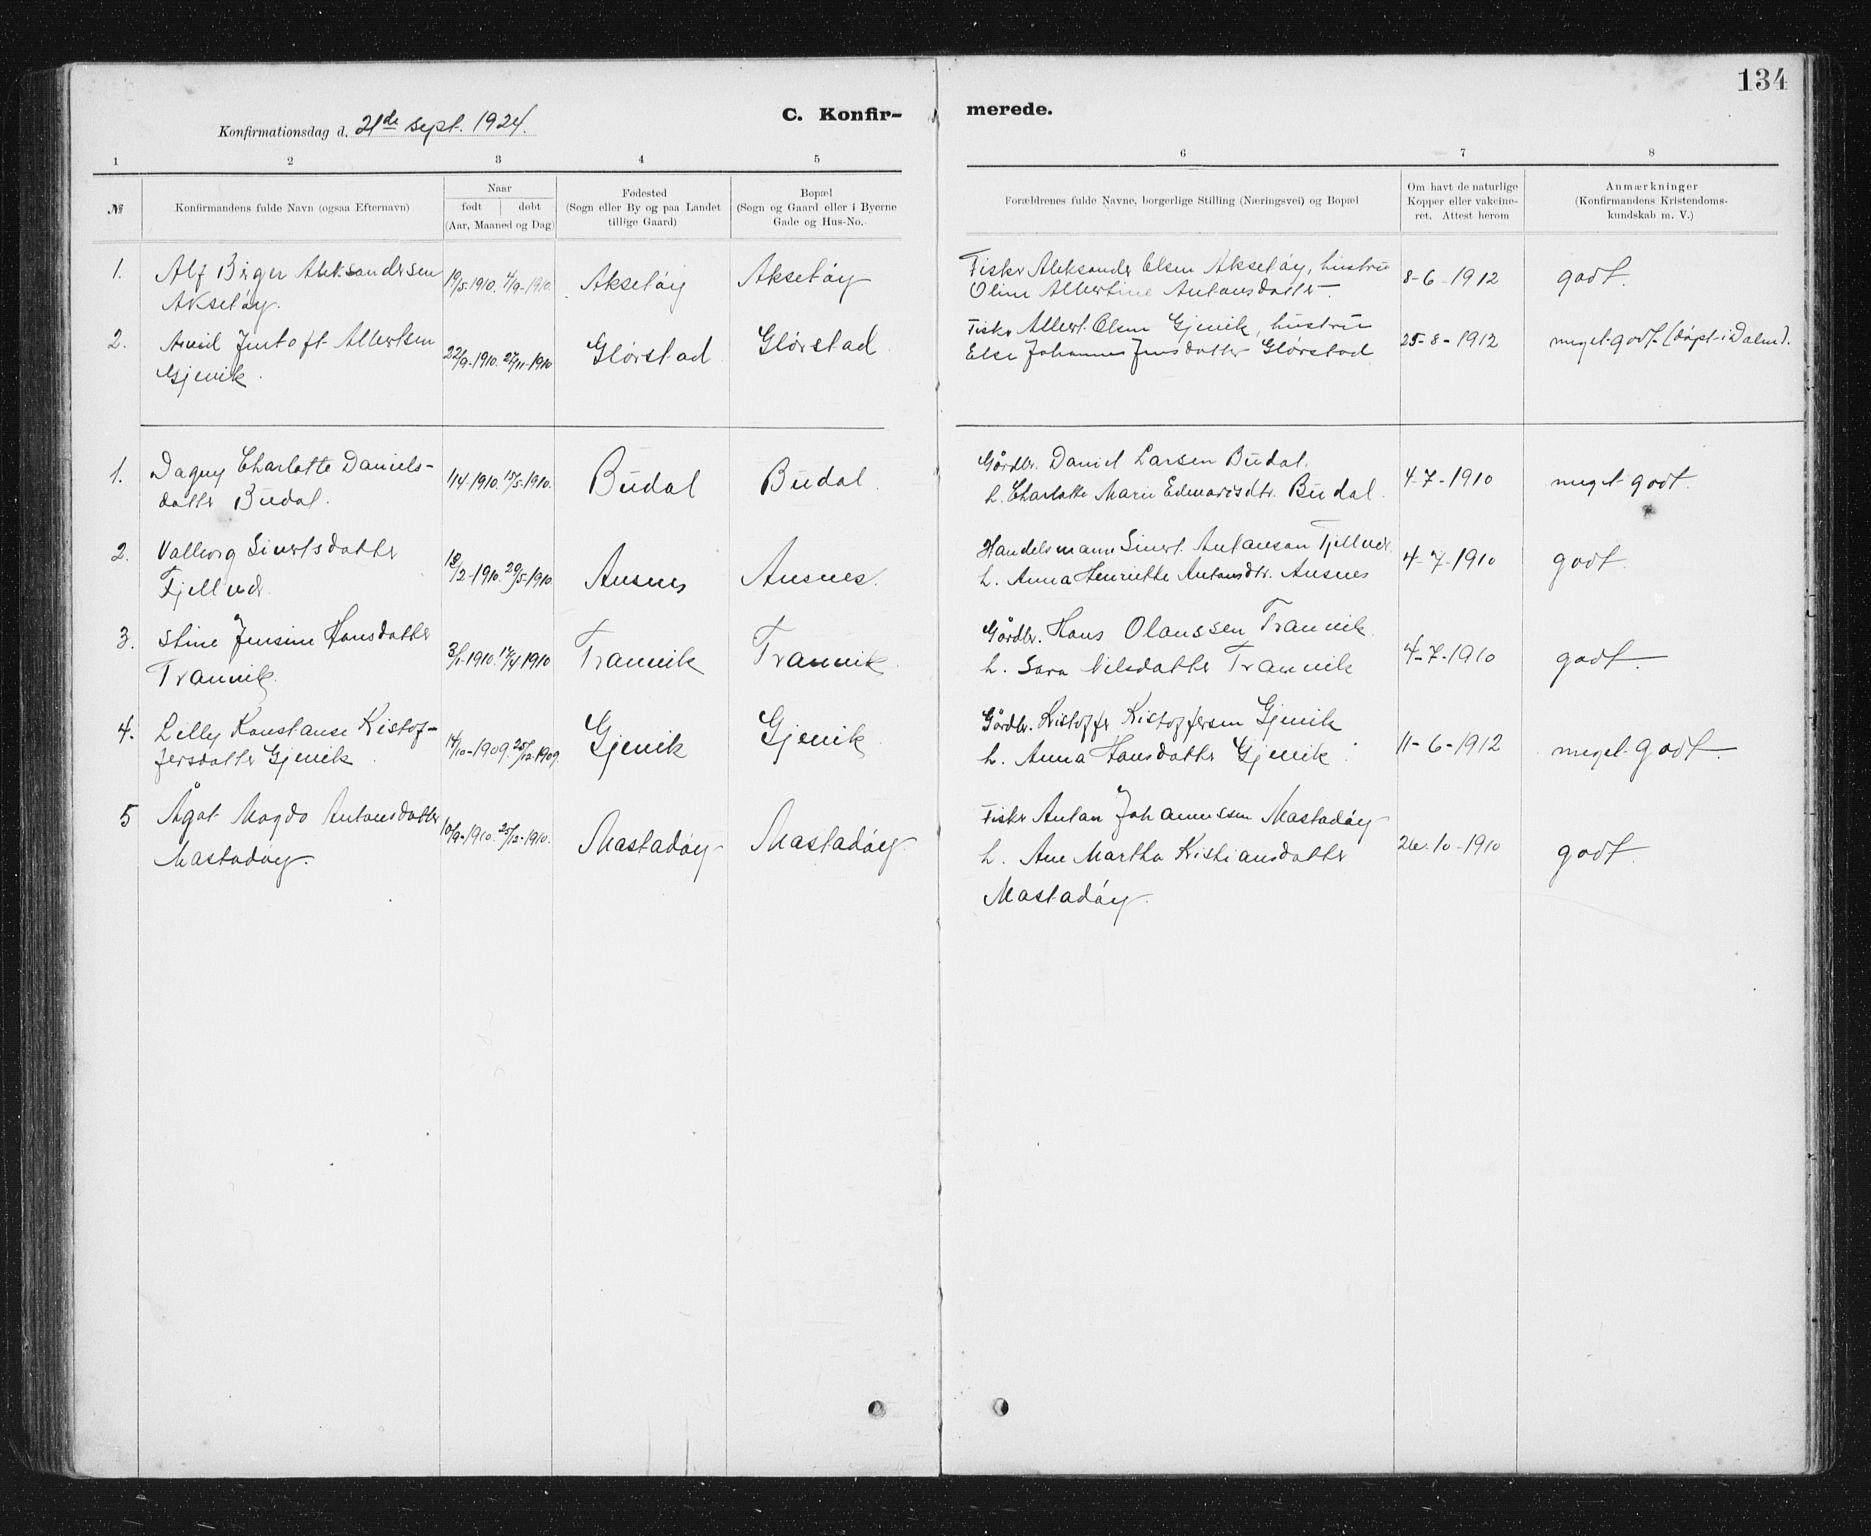 SAT, Ministerialprotokoller, klokkerbøker og fødselsregistre - Sør-Trøndelag, 637/L0563: Klokkerbok nr. 637C04, 1899-1940, s. 134